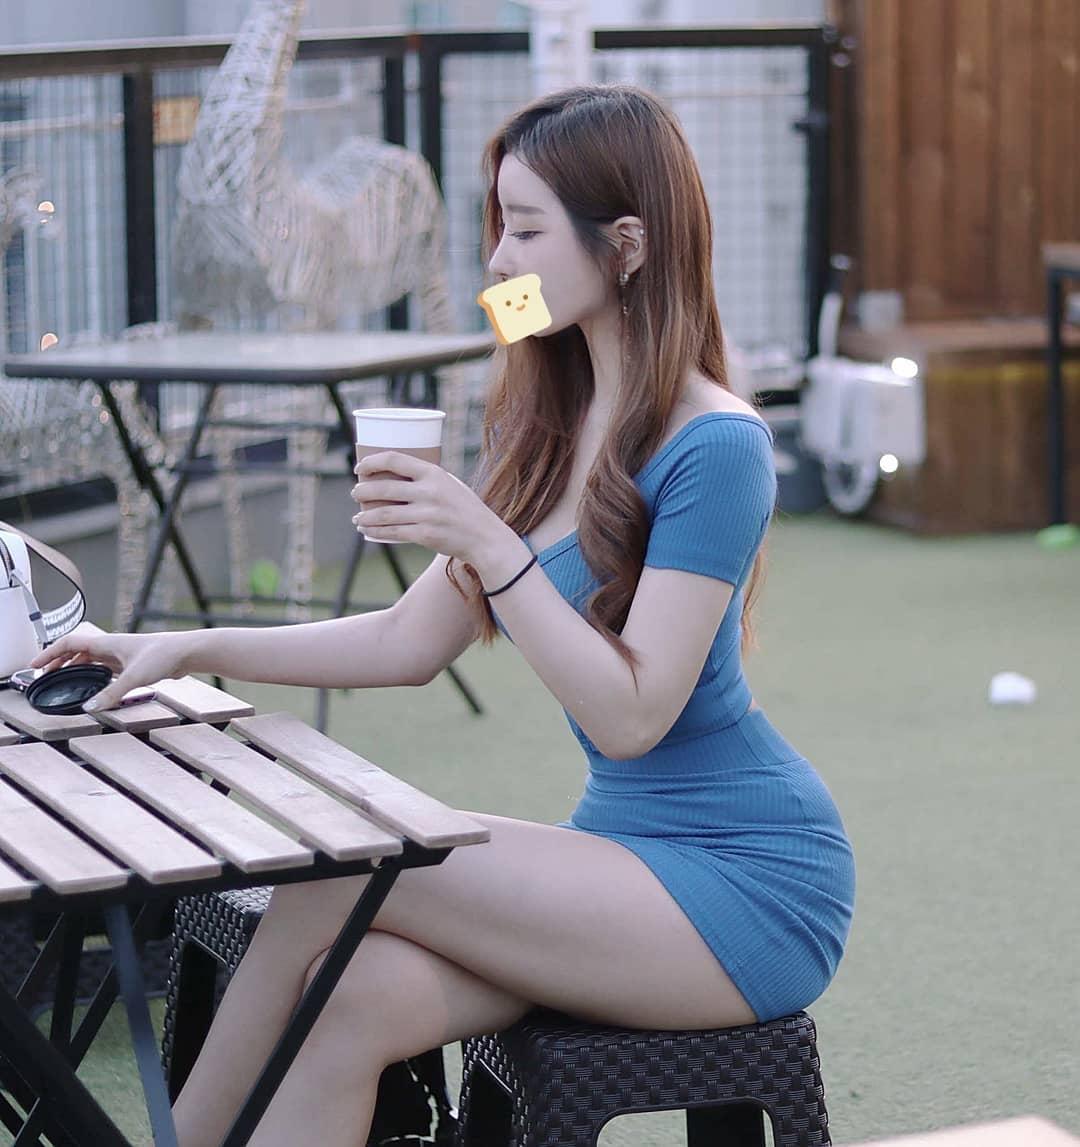 韩国极品网红美女jungvely_1121身材超性感 养眼图片 第1张